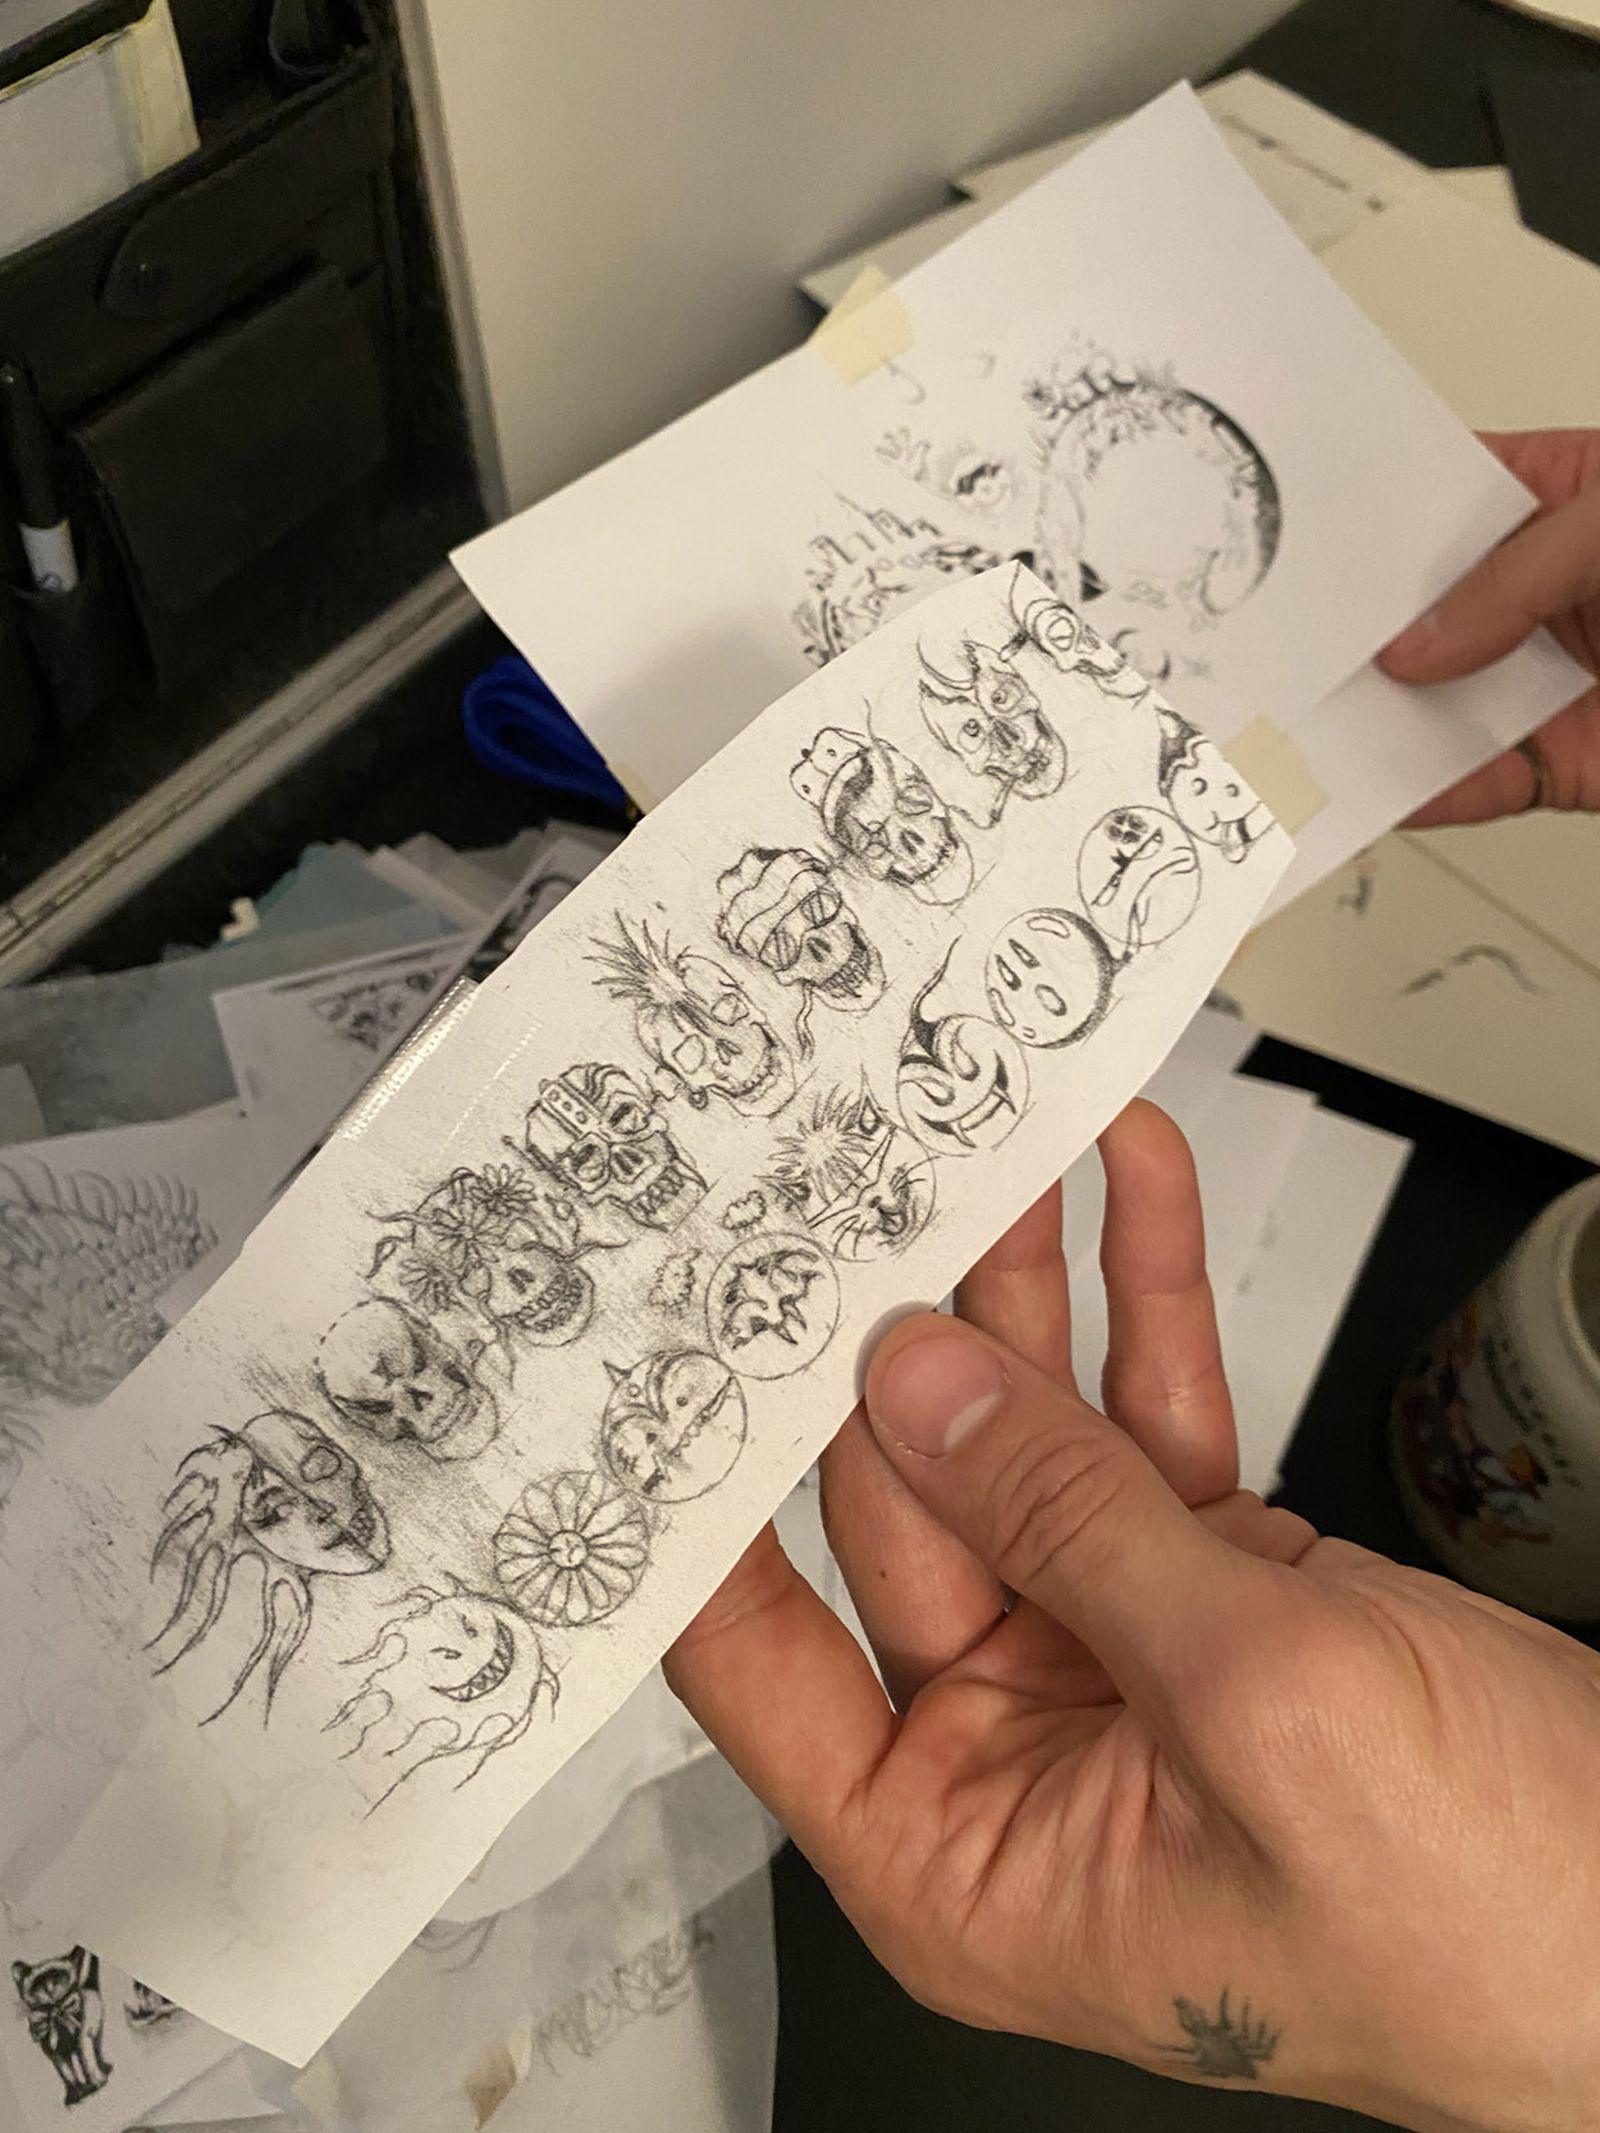 keegan-dakkar-tattoo-art-supreme-collab-022